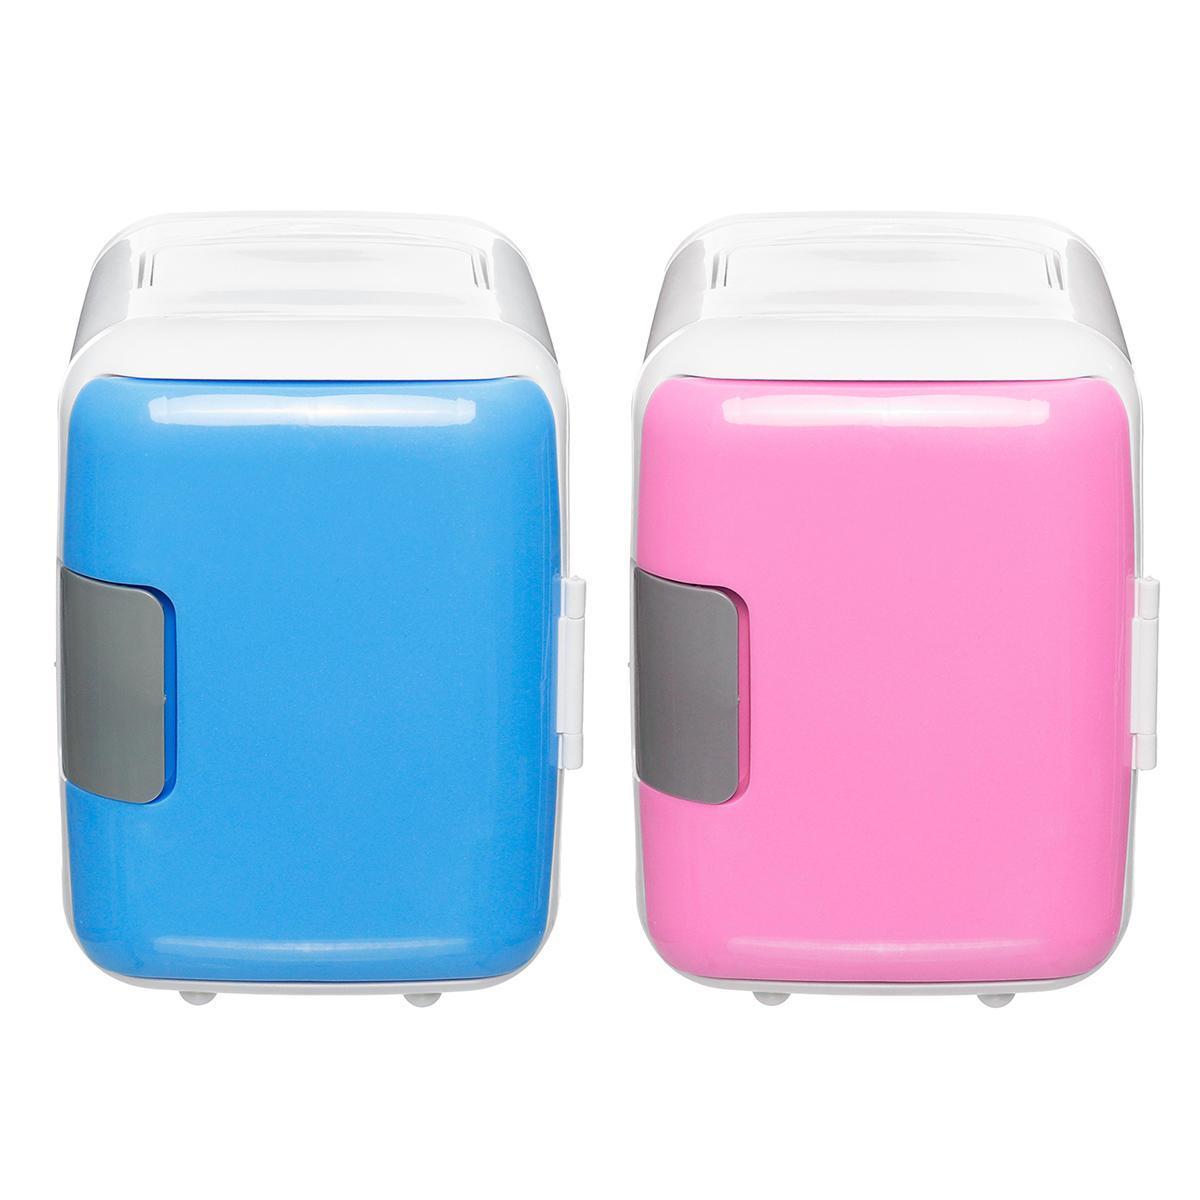 Giá Tủ lạnh mini 2 chiều-Tủ lạnh 4L-Tủ lạnh Tủ đông - Màu xanh da trời